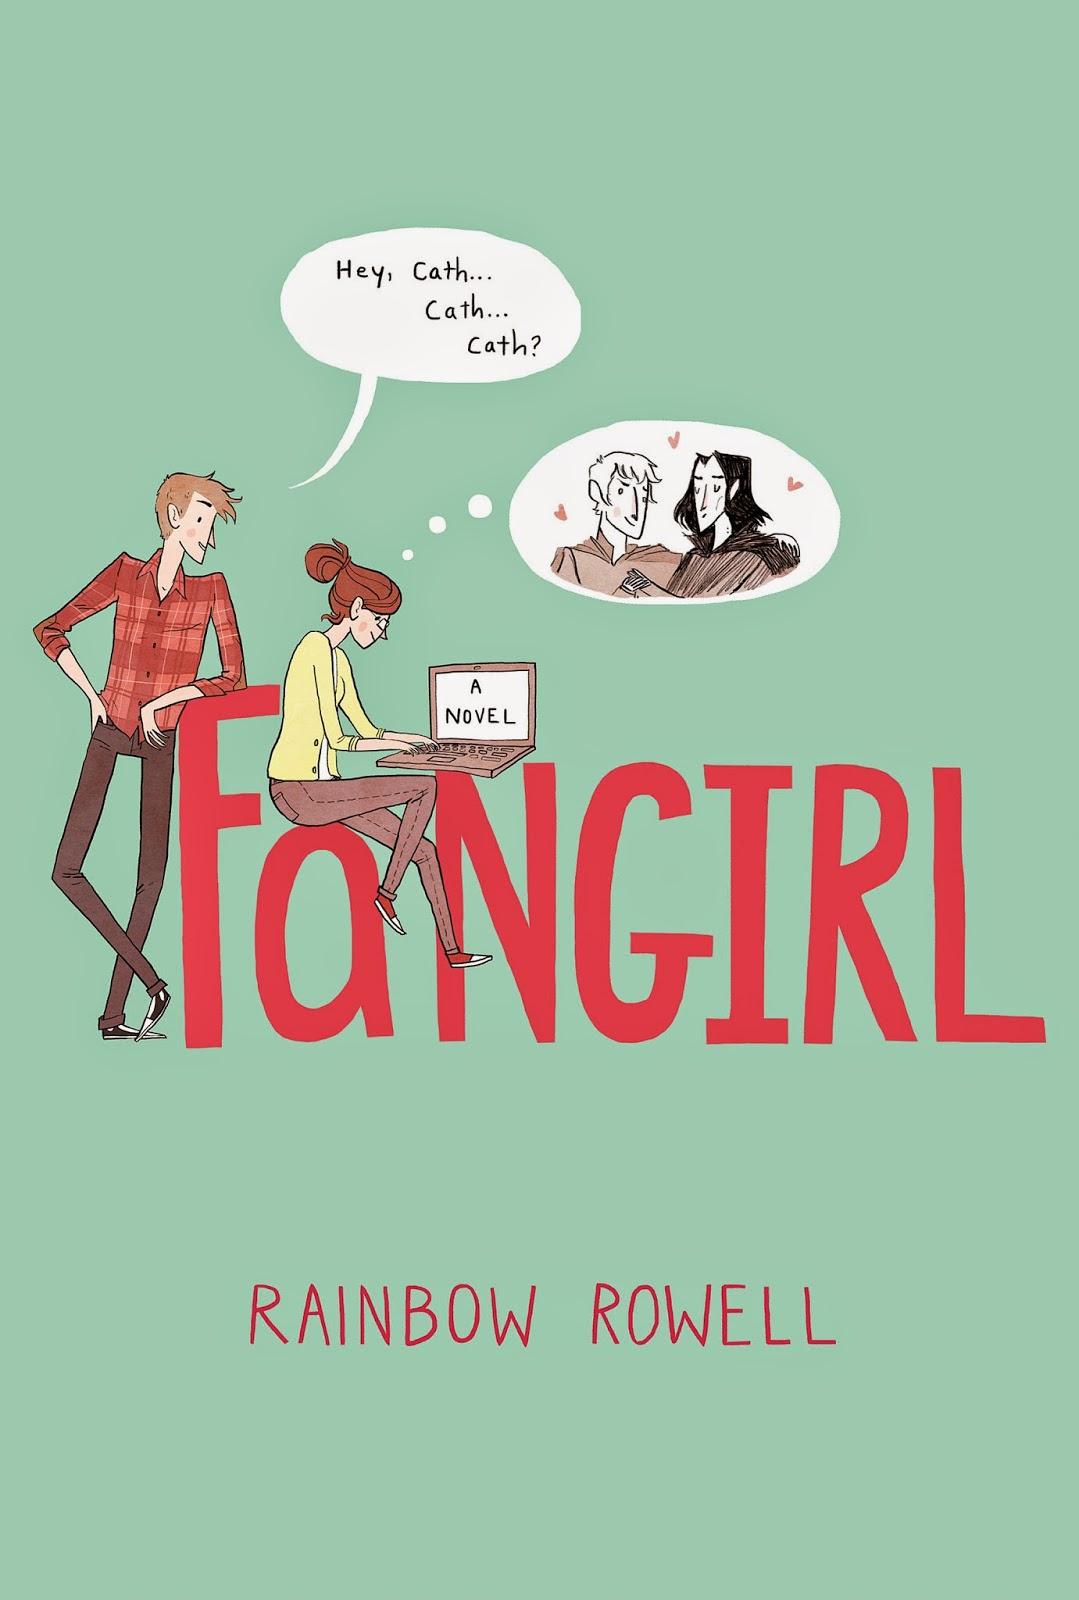 http://lesouffledesmots.blogspot.fr/2014/08/fangirl-rainbow-rowell.html